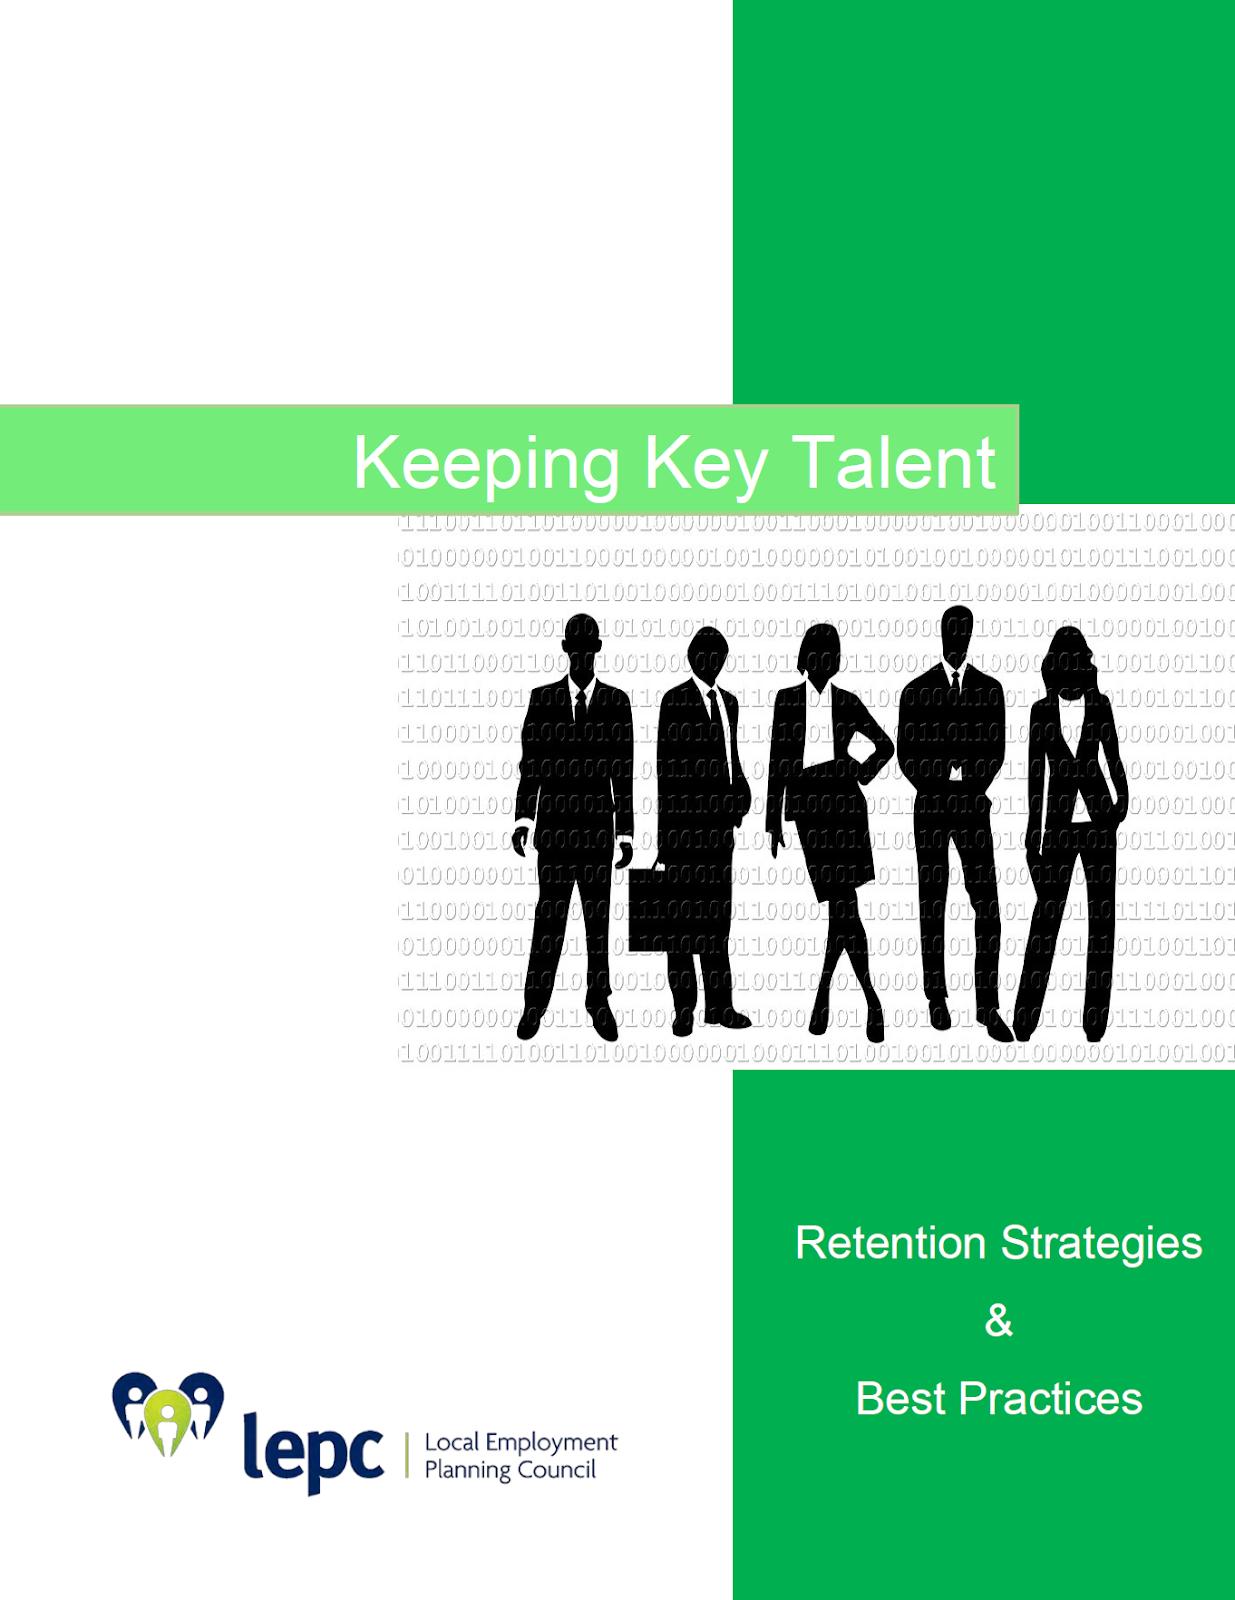 Keeping Key Talent